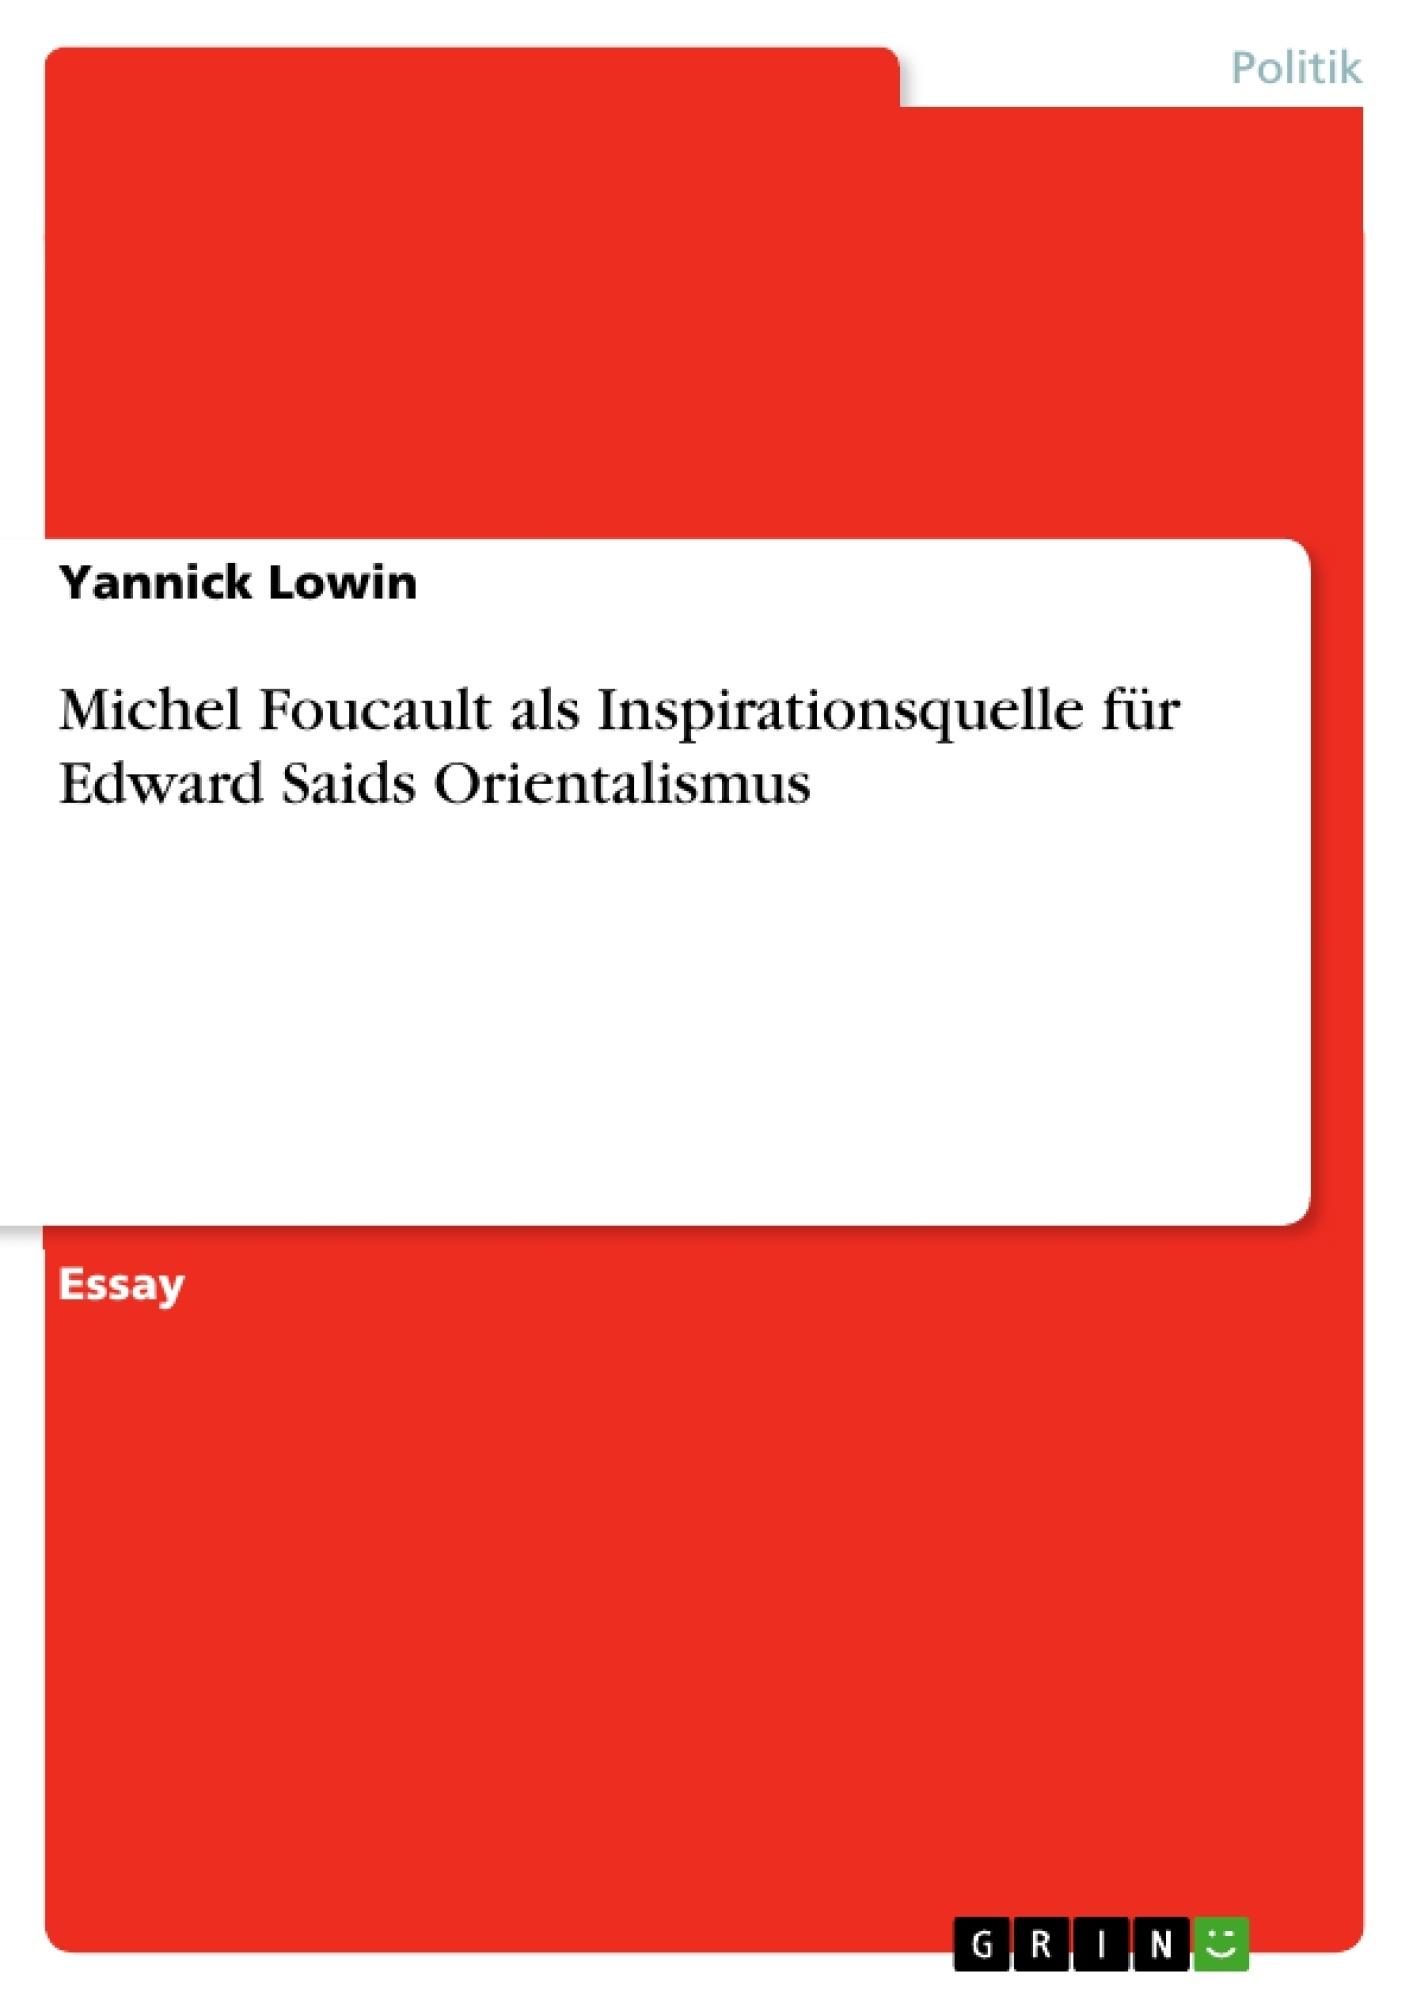 Titel: Michel Foucault als Inspirationsquelle für Edward Saids Orientalismus